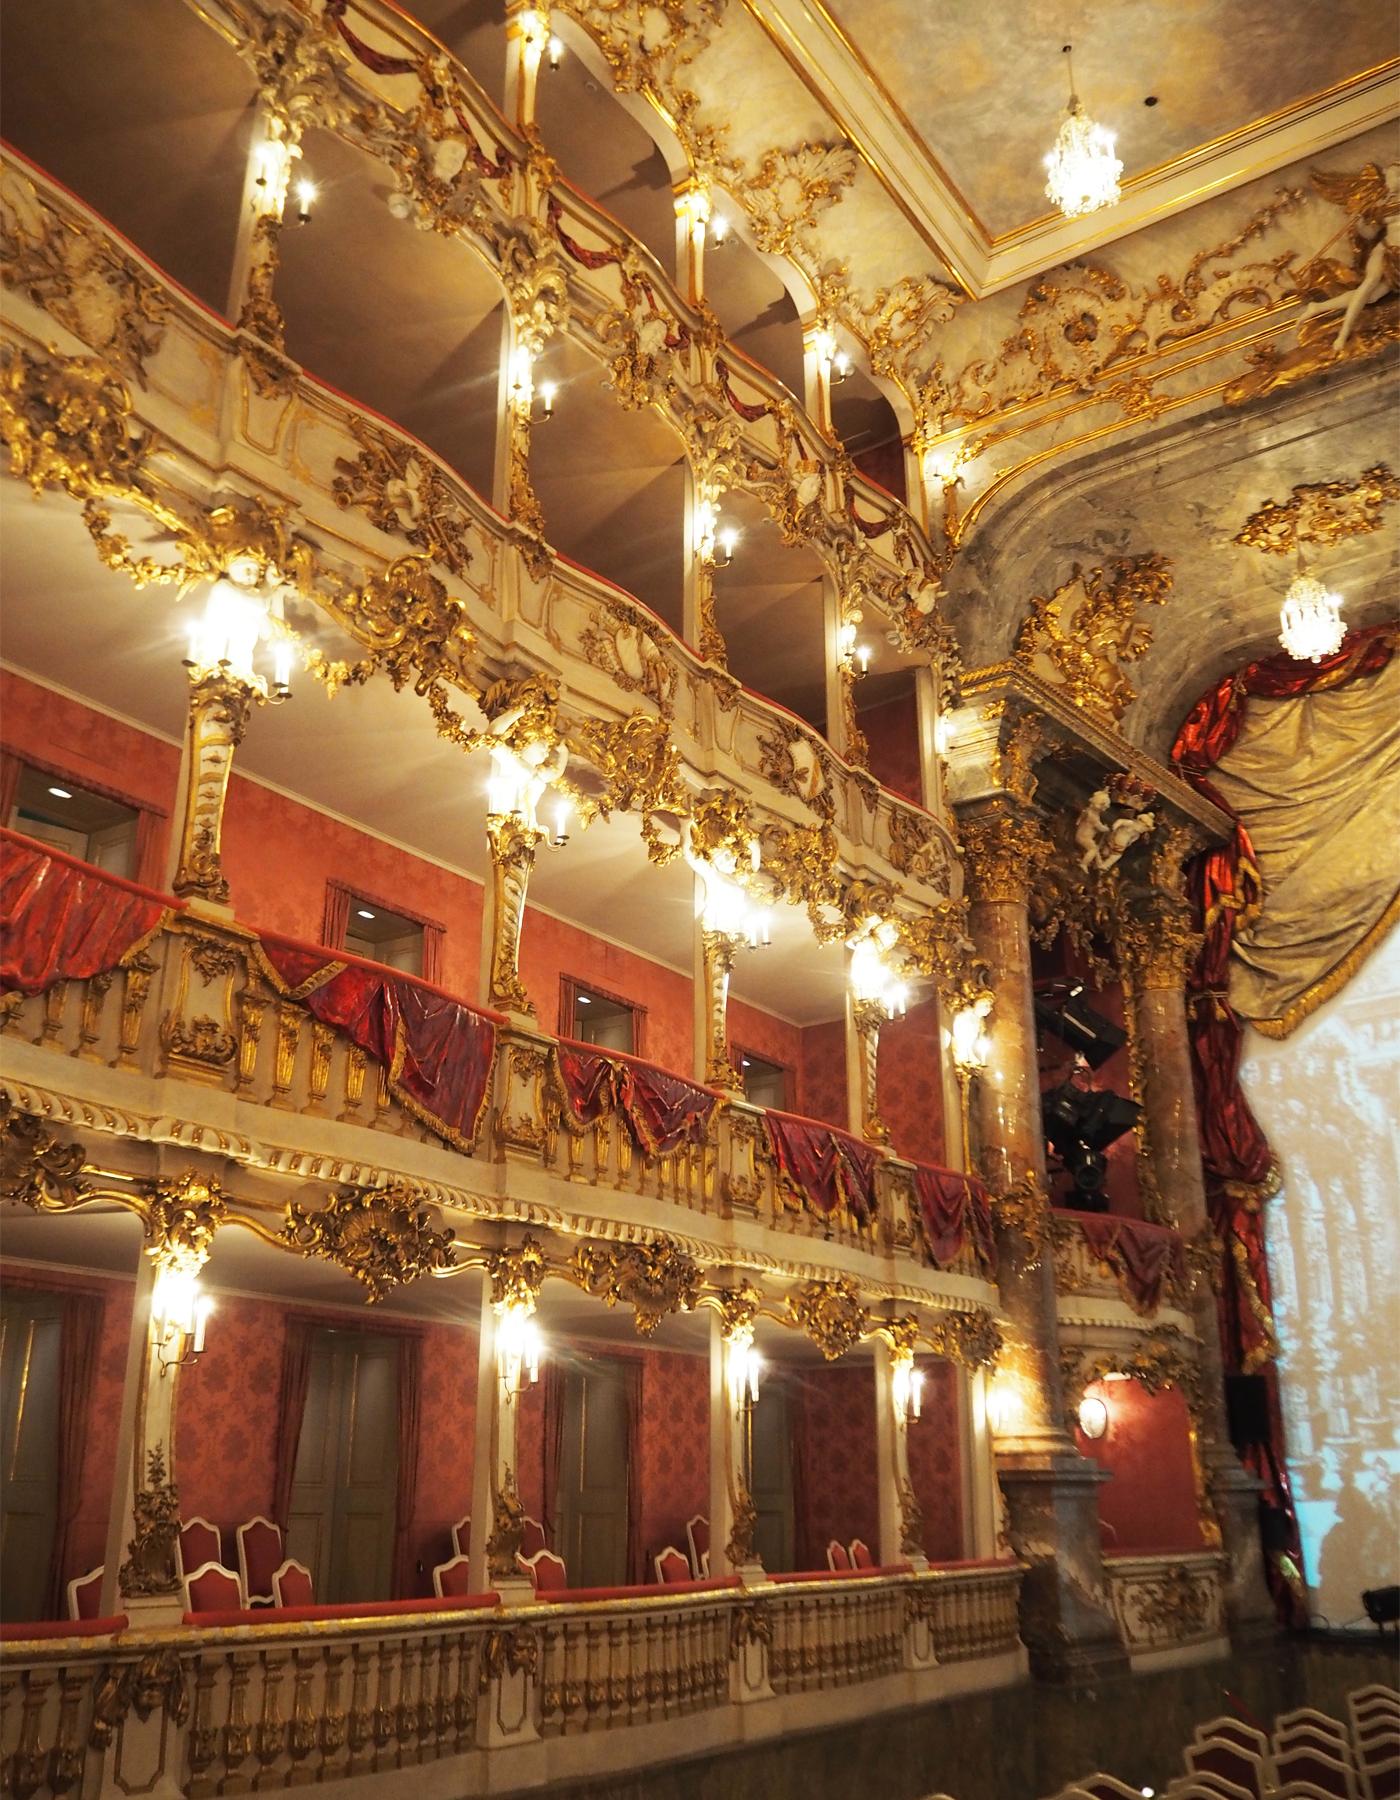 Theatre Munich